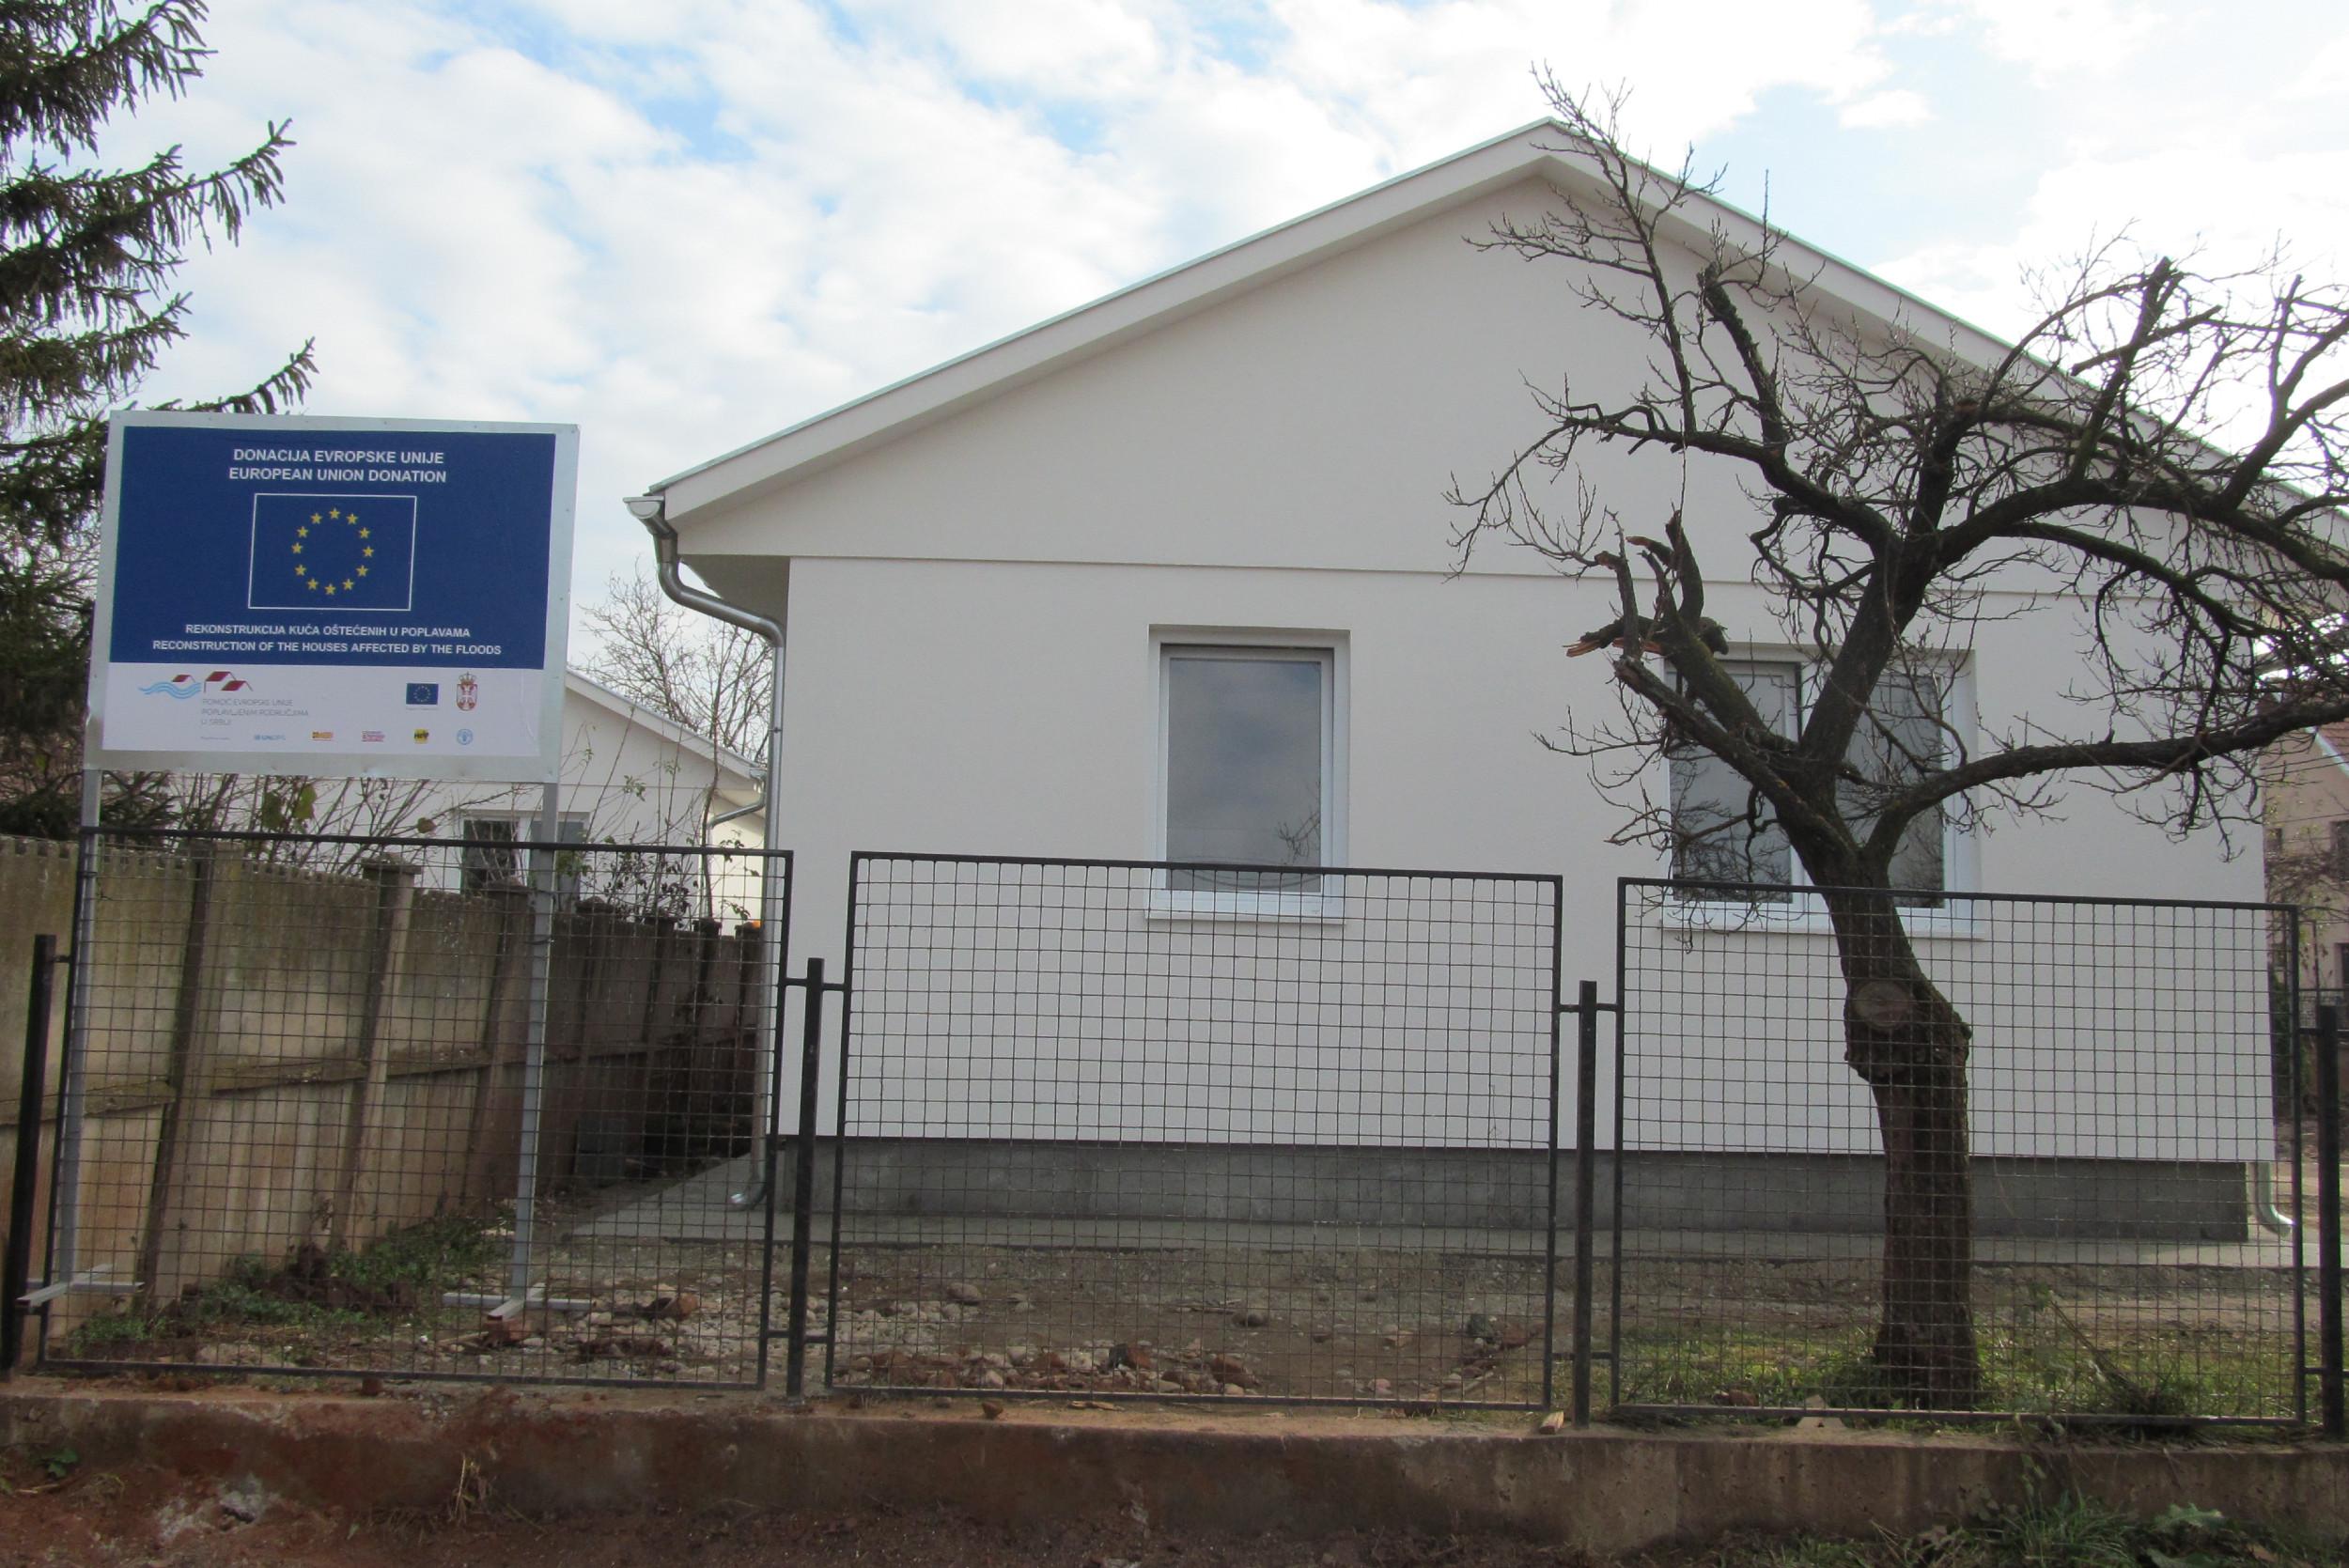 Новоизграђена кућа у Параћину након поплава 2014. године као вид донације ЕУ (Фото: obnova.gov.rs)